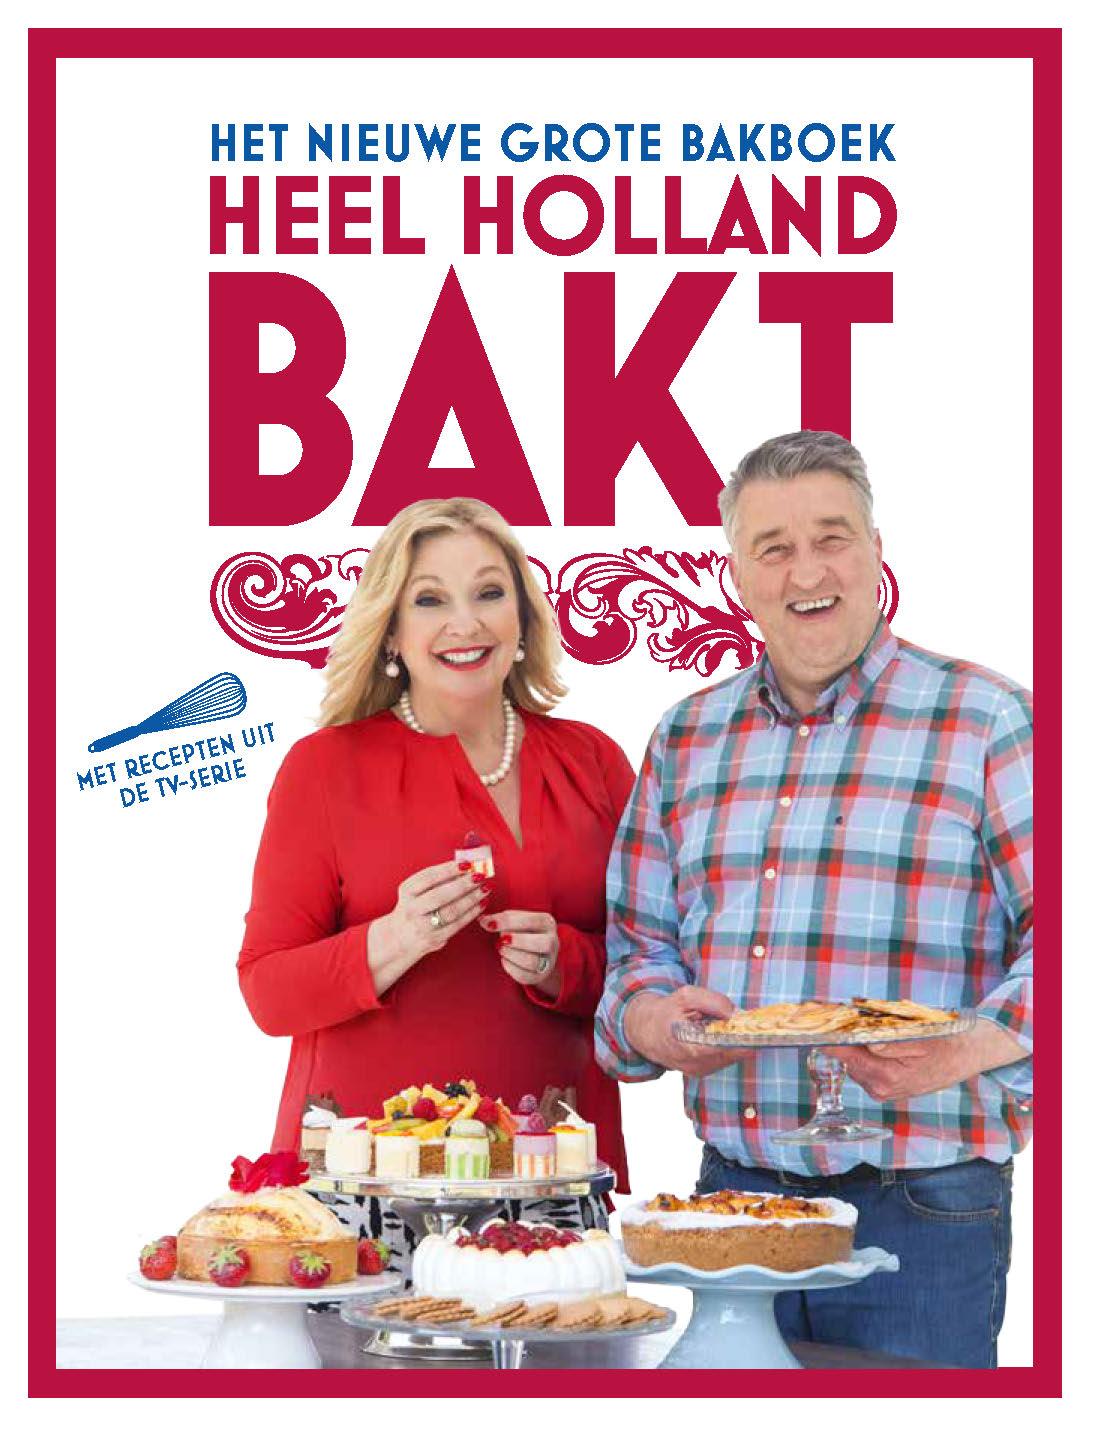 Heel Holland bakt. Het nieuwe grote bakboek – Martine Steenstra en Janny van der Heijden